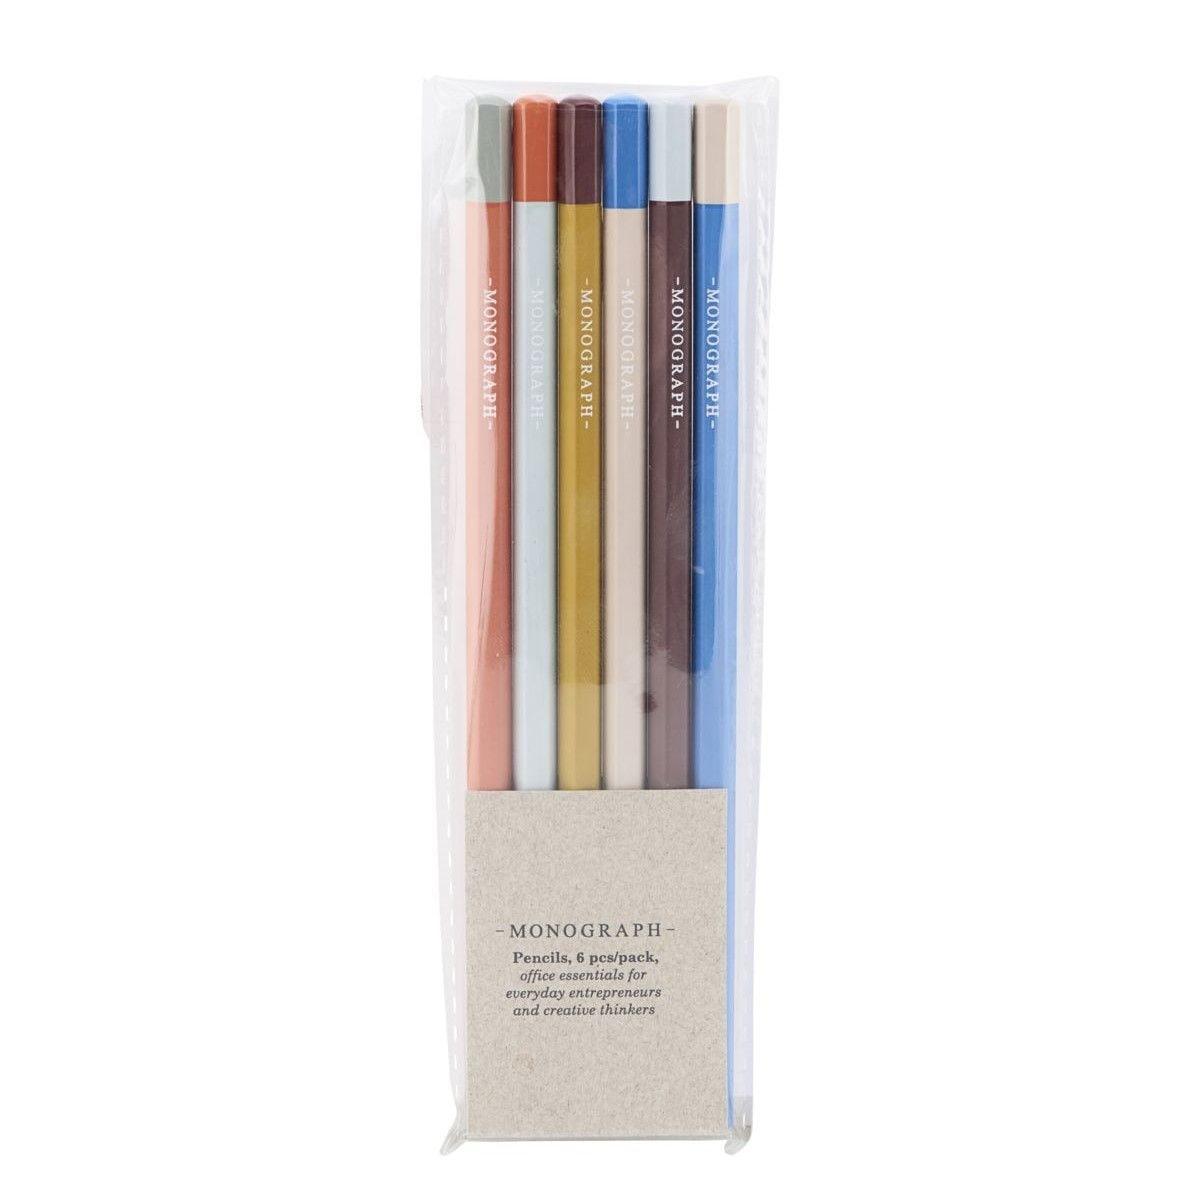 MONOGRAPH Tužky Monograph Colors - set 6 ks, multi barva, dřevo